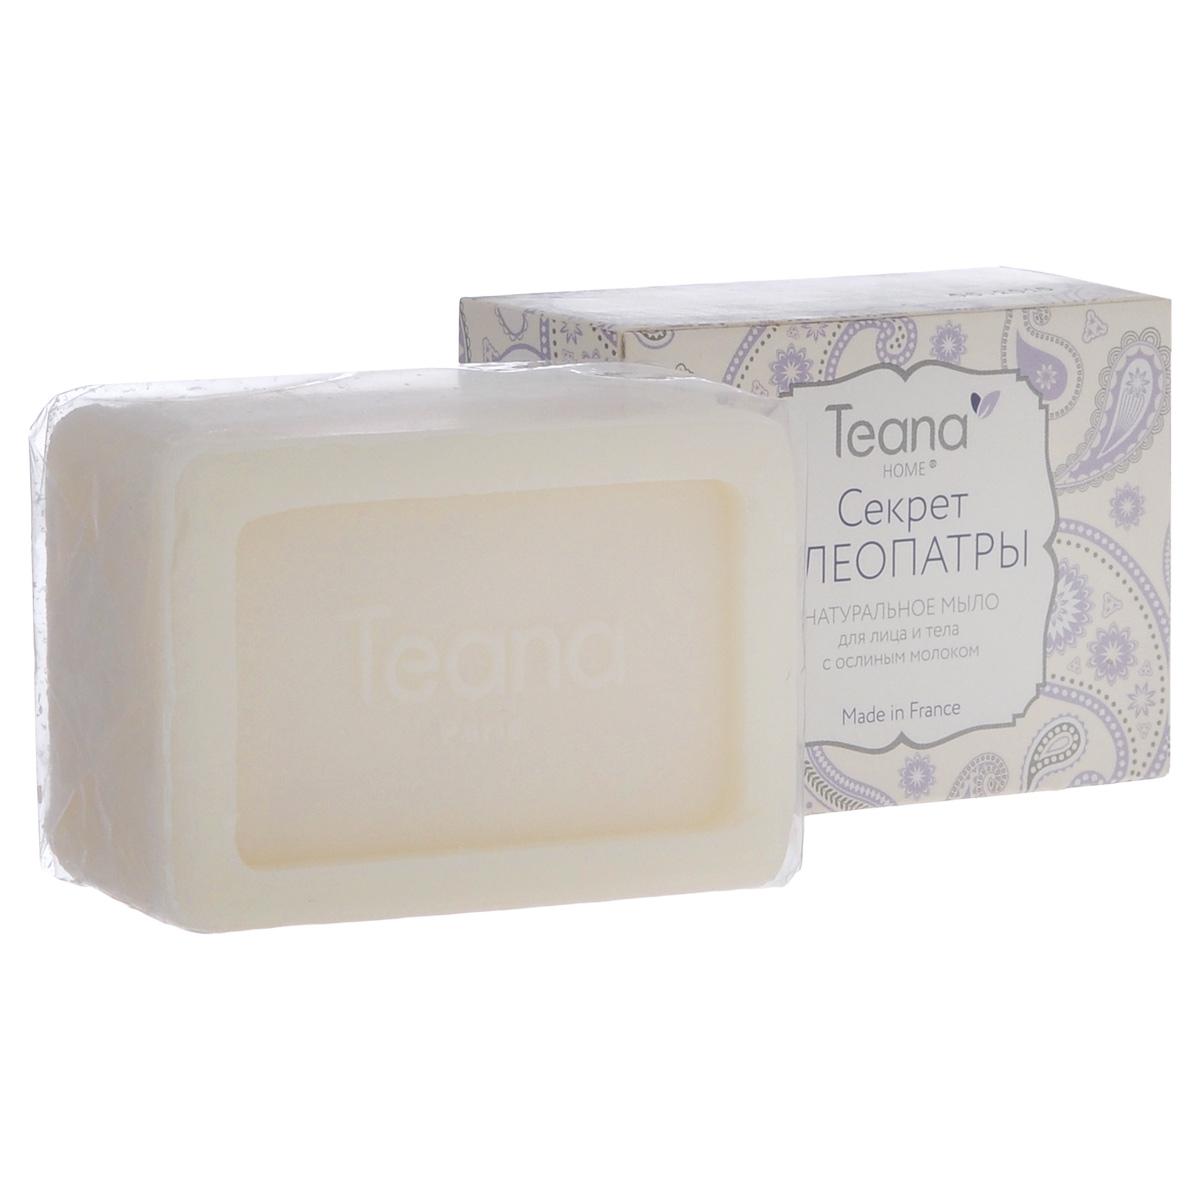 """Teana Натуральное мыло для лица и тела """"Секрет Клеопатры"""", для сухой и чувствительной кожи, с ослиным молоком, 100 г"""